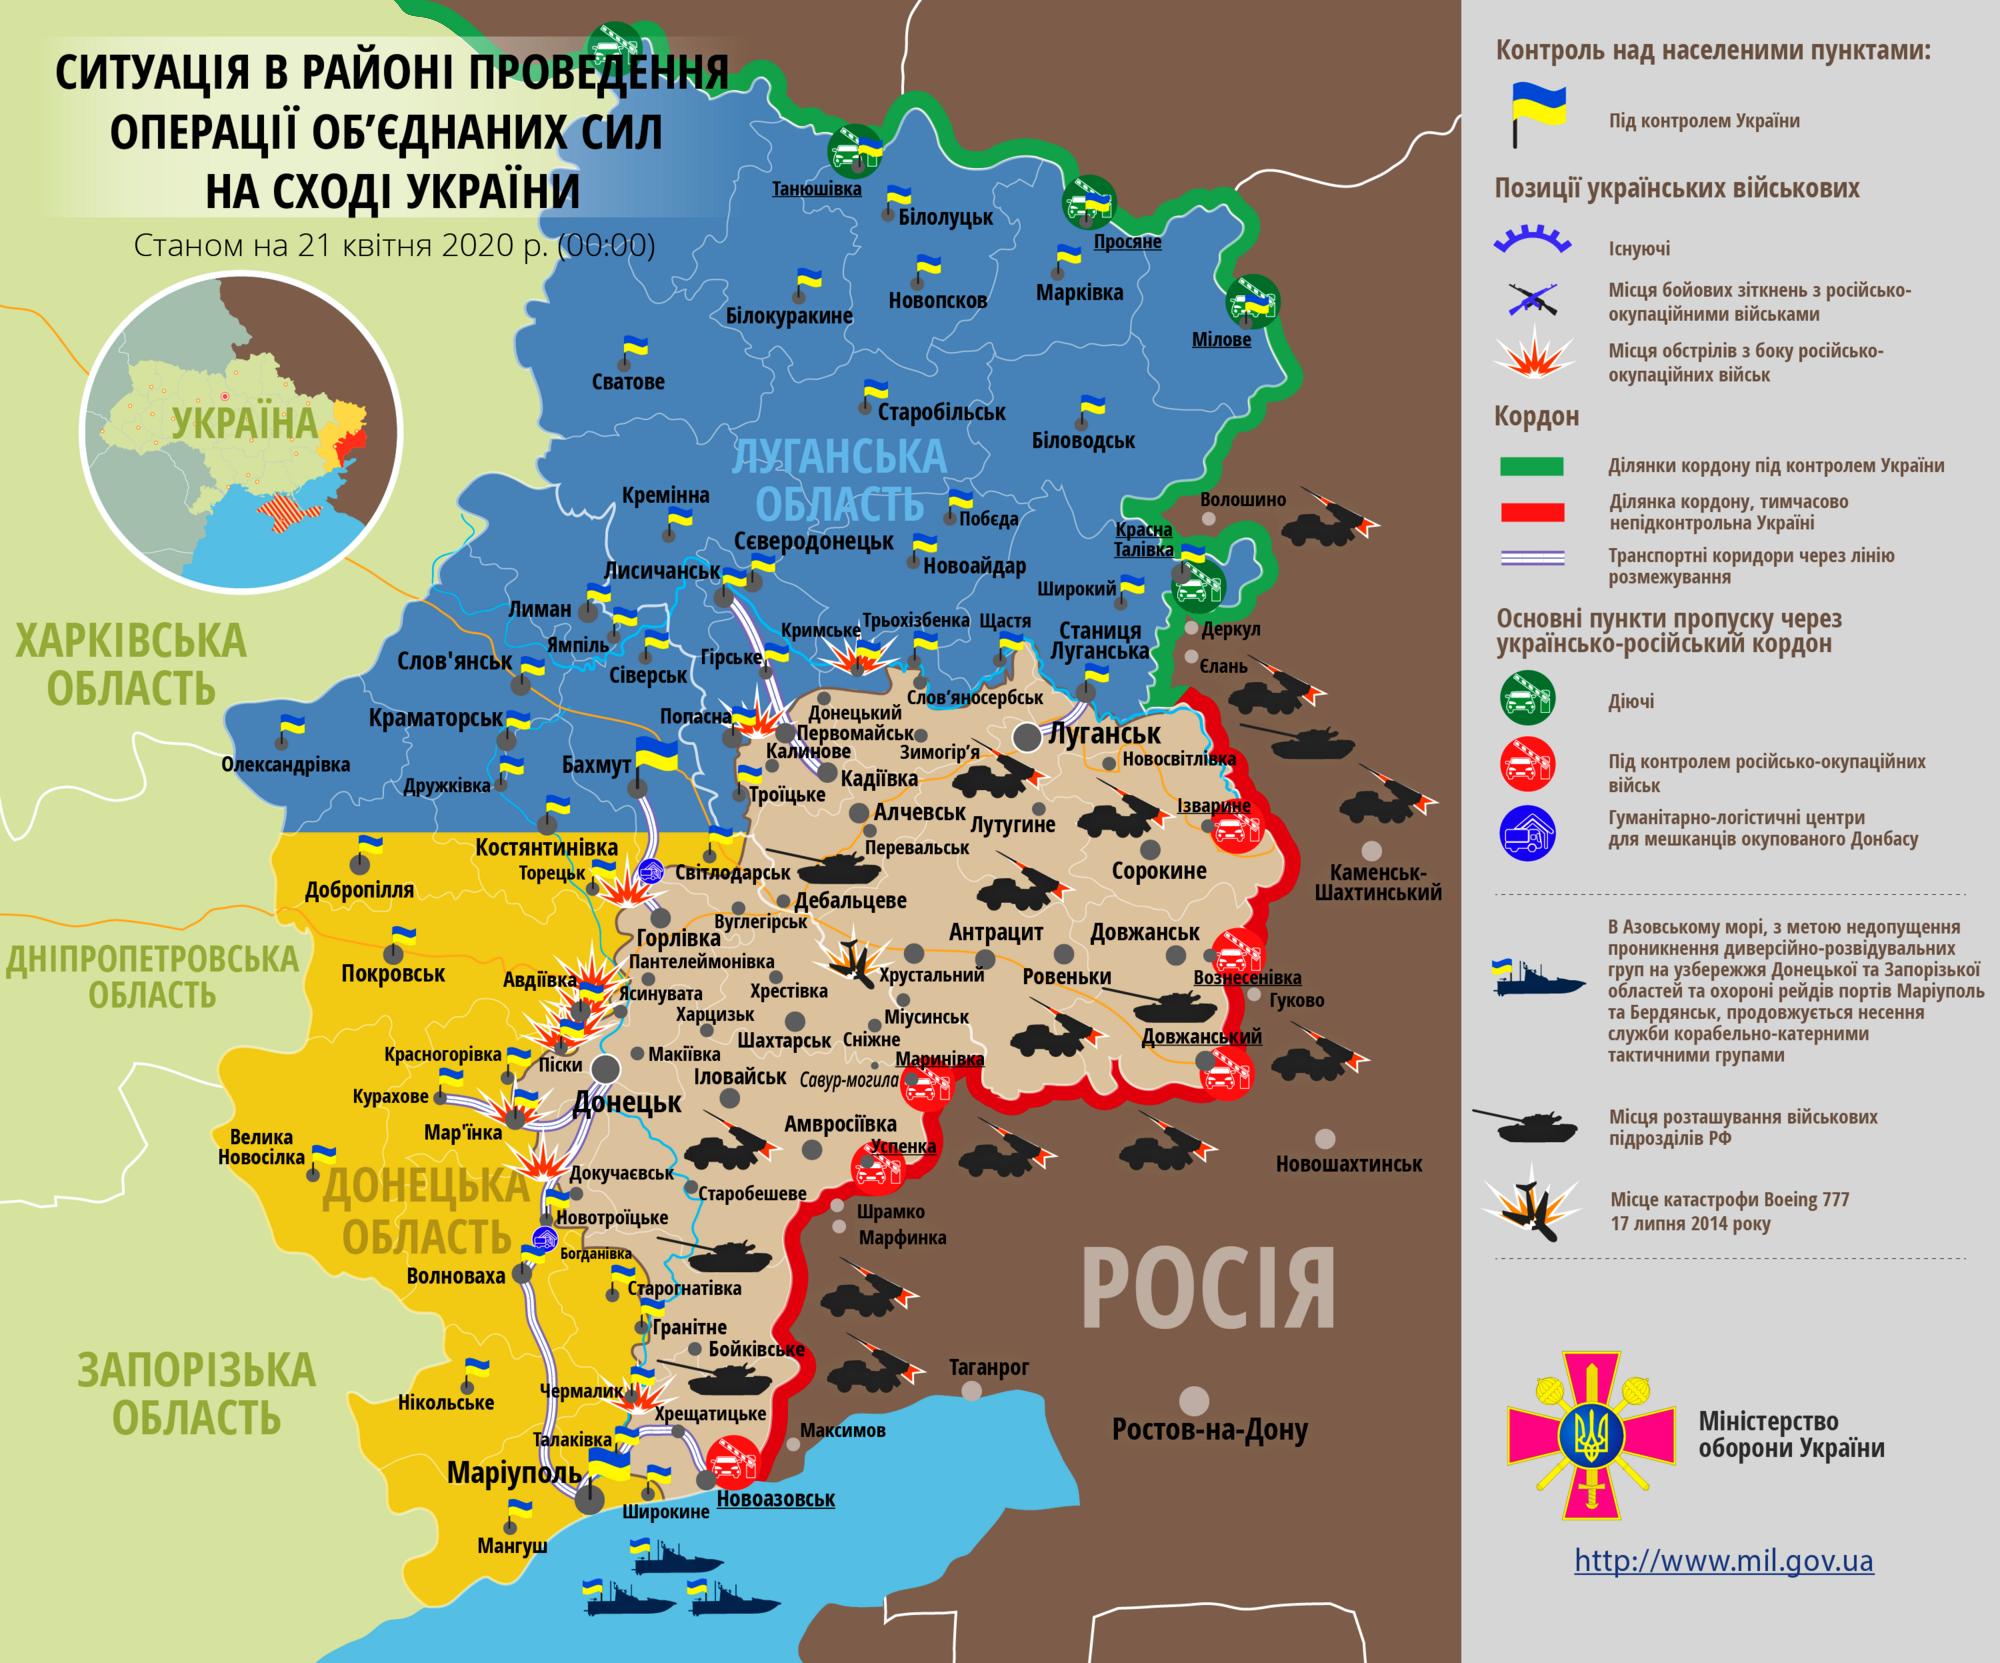 Ситуація в зоні проведення ООС на Донбасі 21 квітня